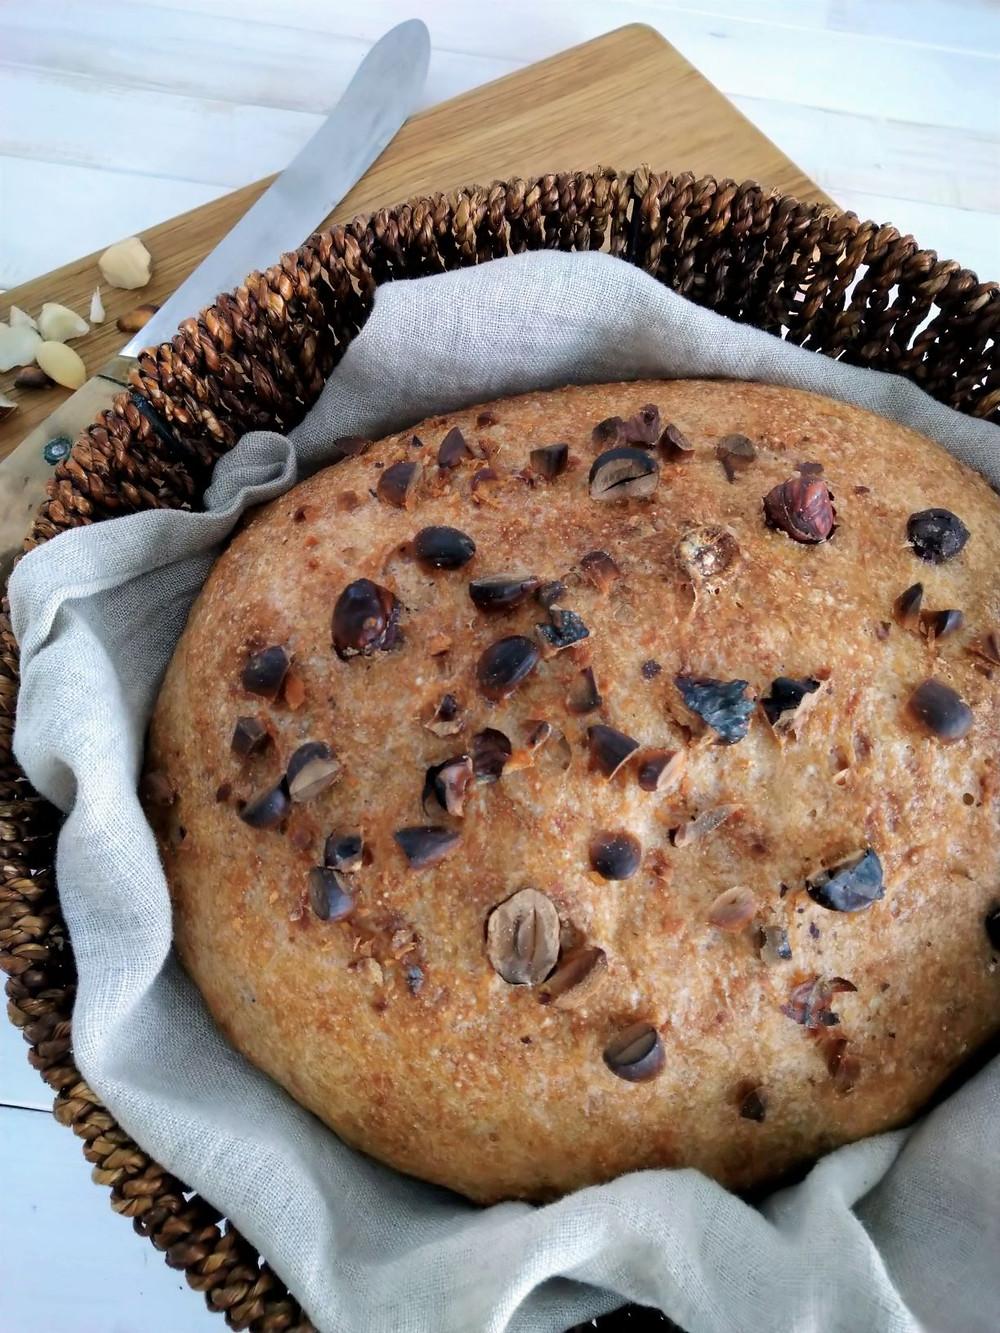 gluteeniton pataleipä, resepti, leipäresepti, leivän, kaura, leivonta, kaurapataleipä, kauraleipä, taikina, pata, leipä, pähkinä